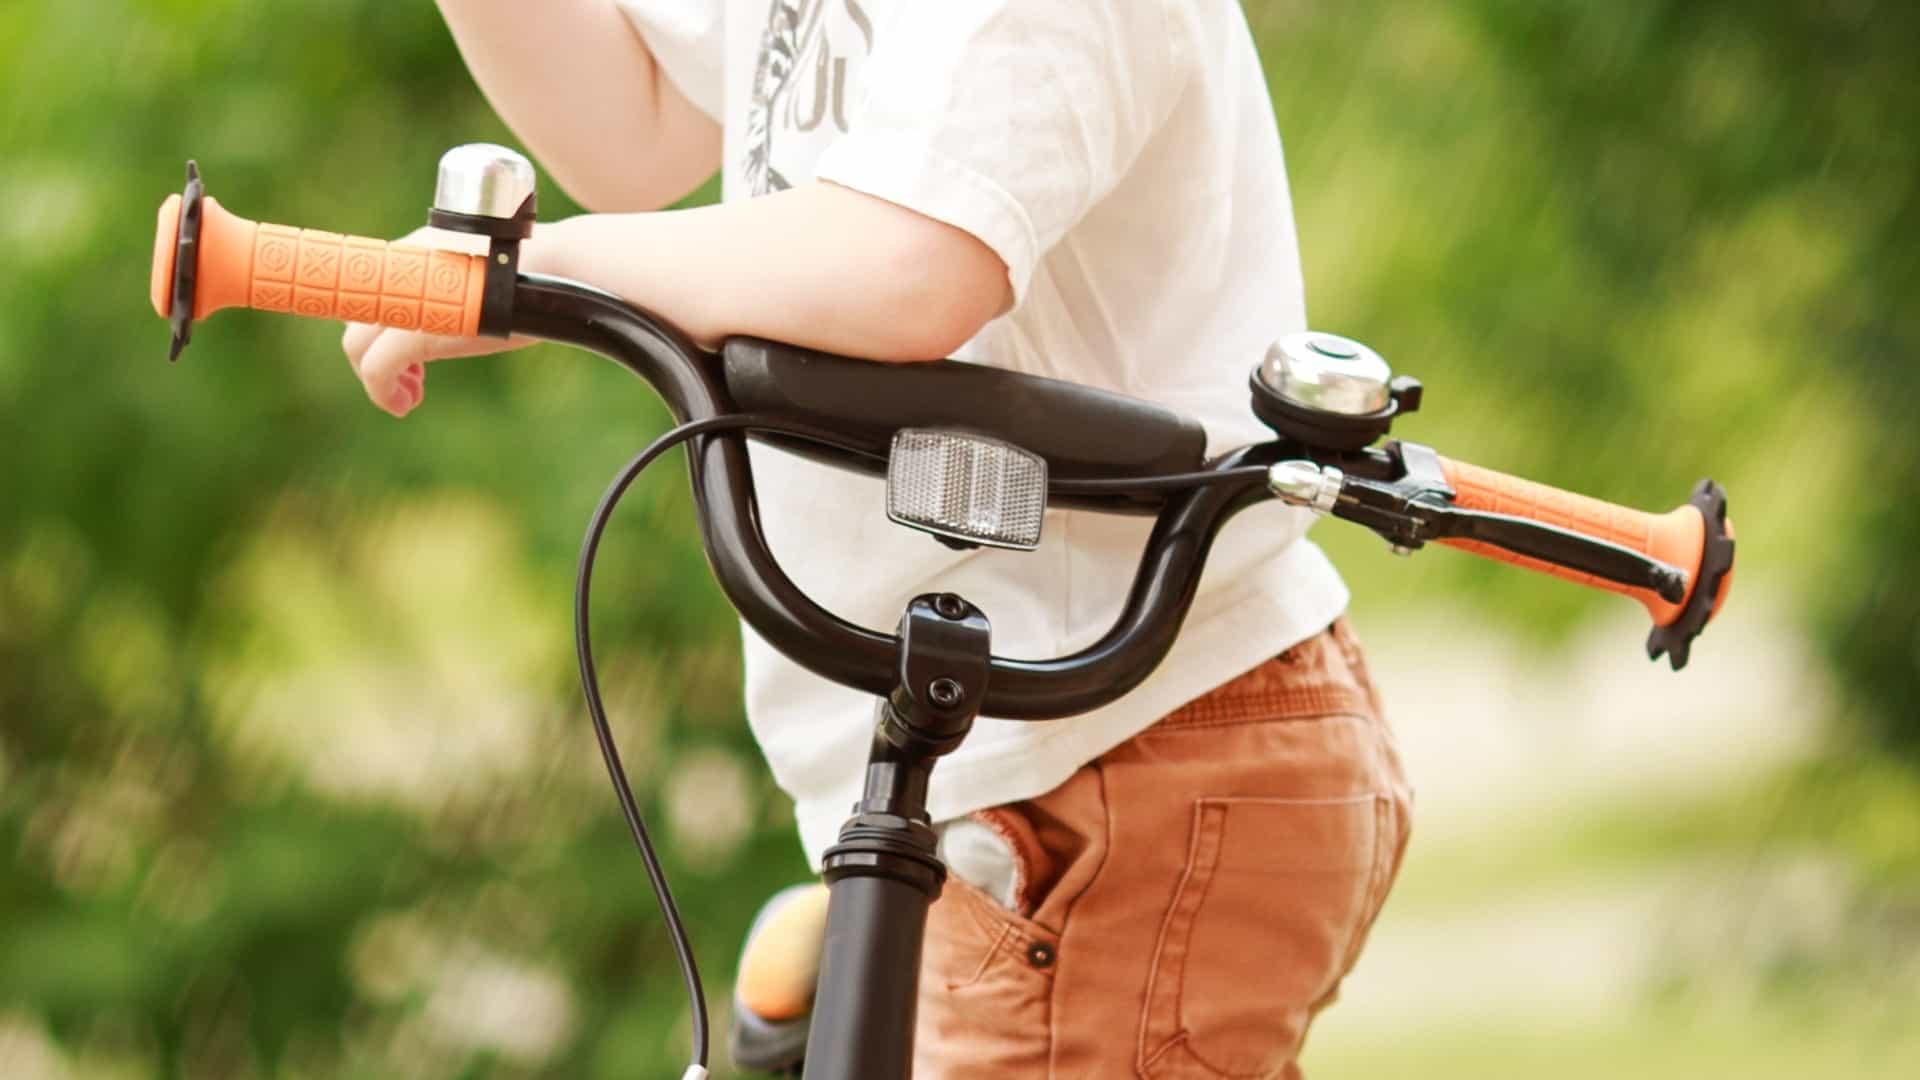 Bicicletas para niños: ¿Cuál es la mejor del 2021?